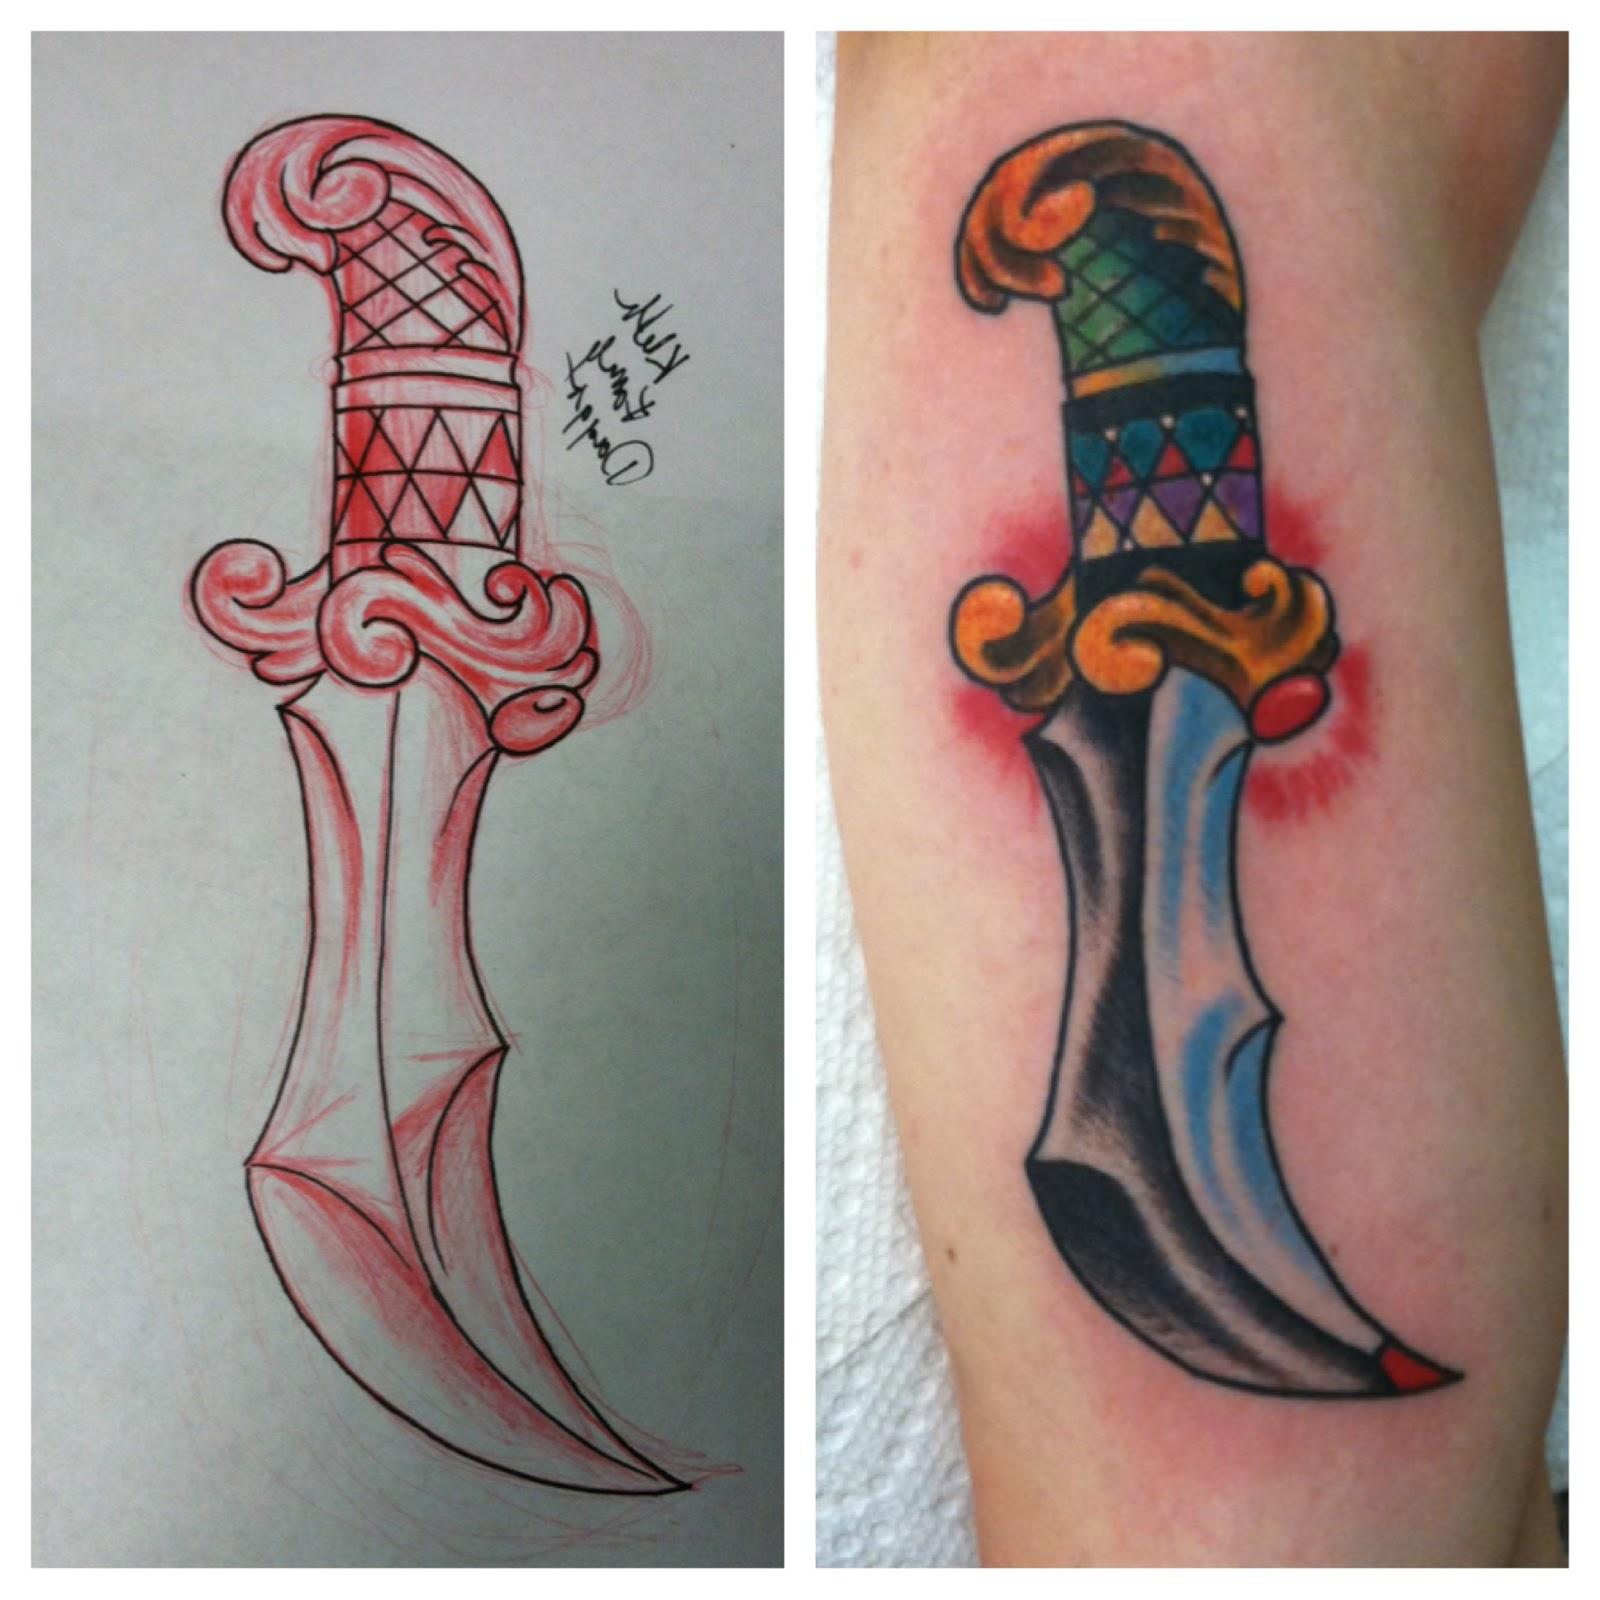 David Meek Tattoos: Re...